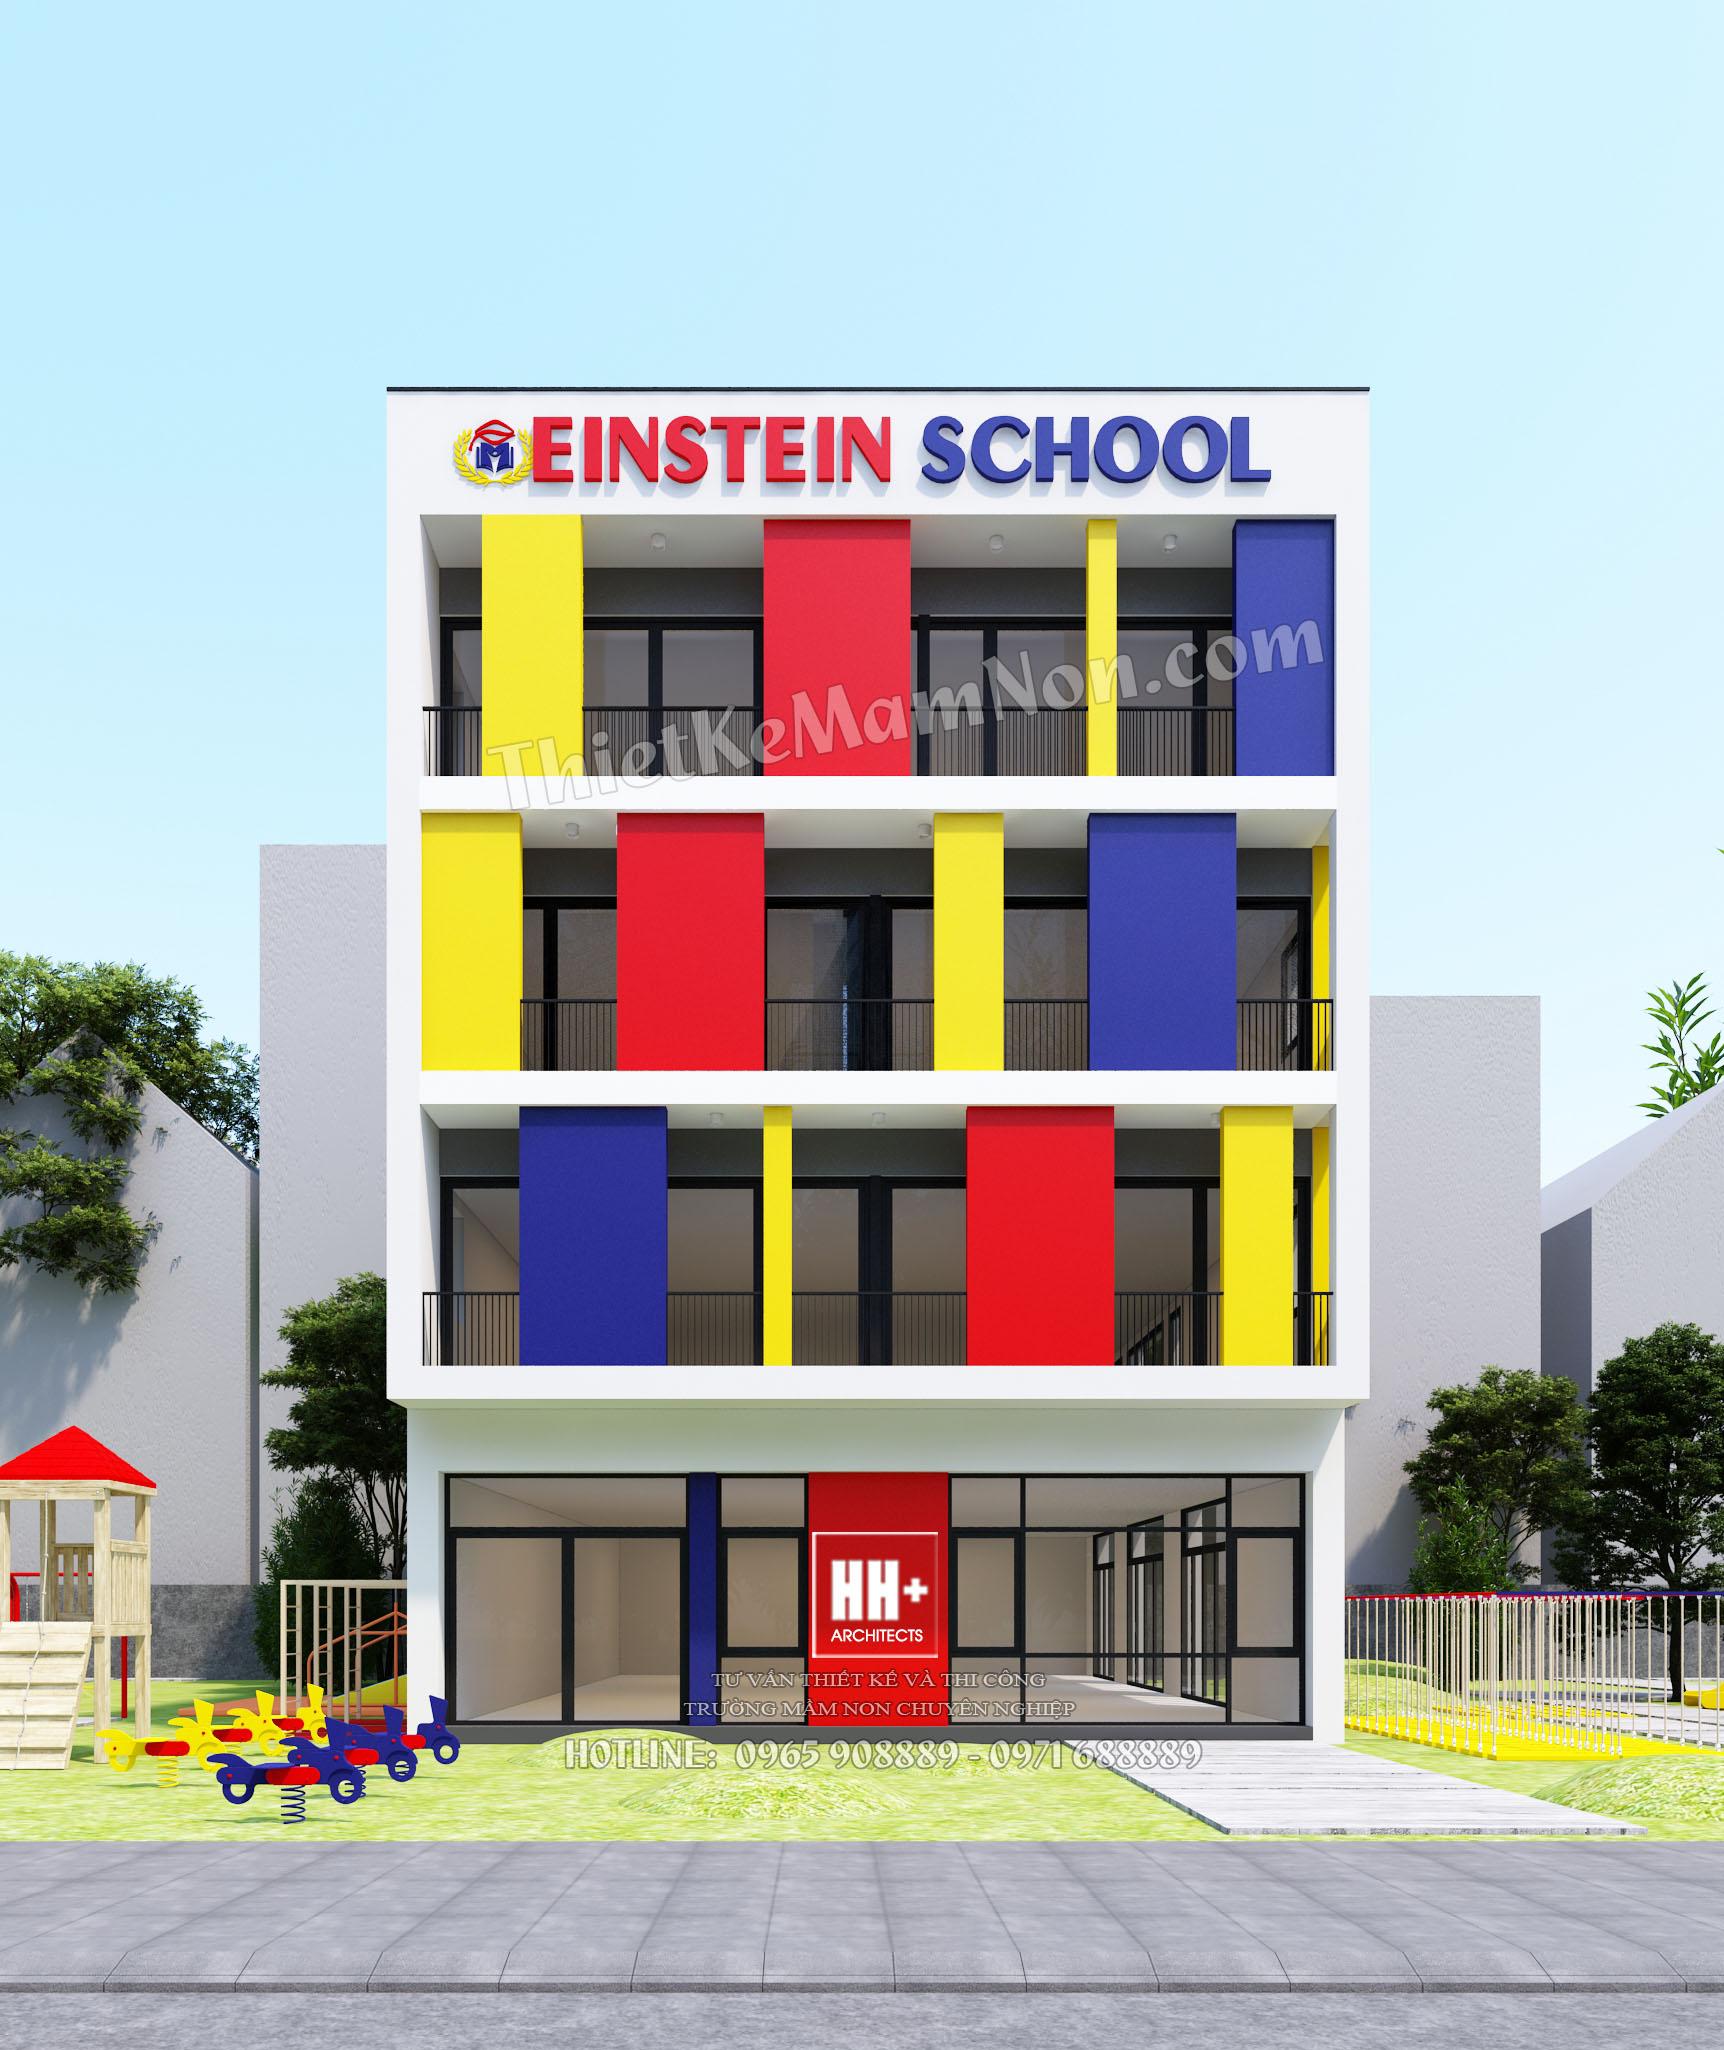 1cc thiết kế trường mầm non Thiết kế trường mầm non quốc tế Einstein 1cc